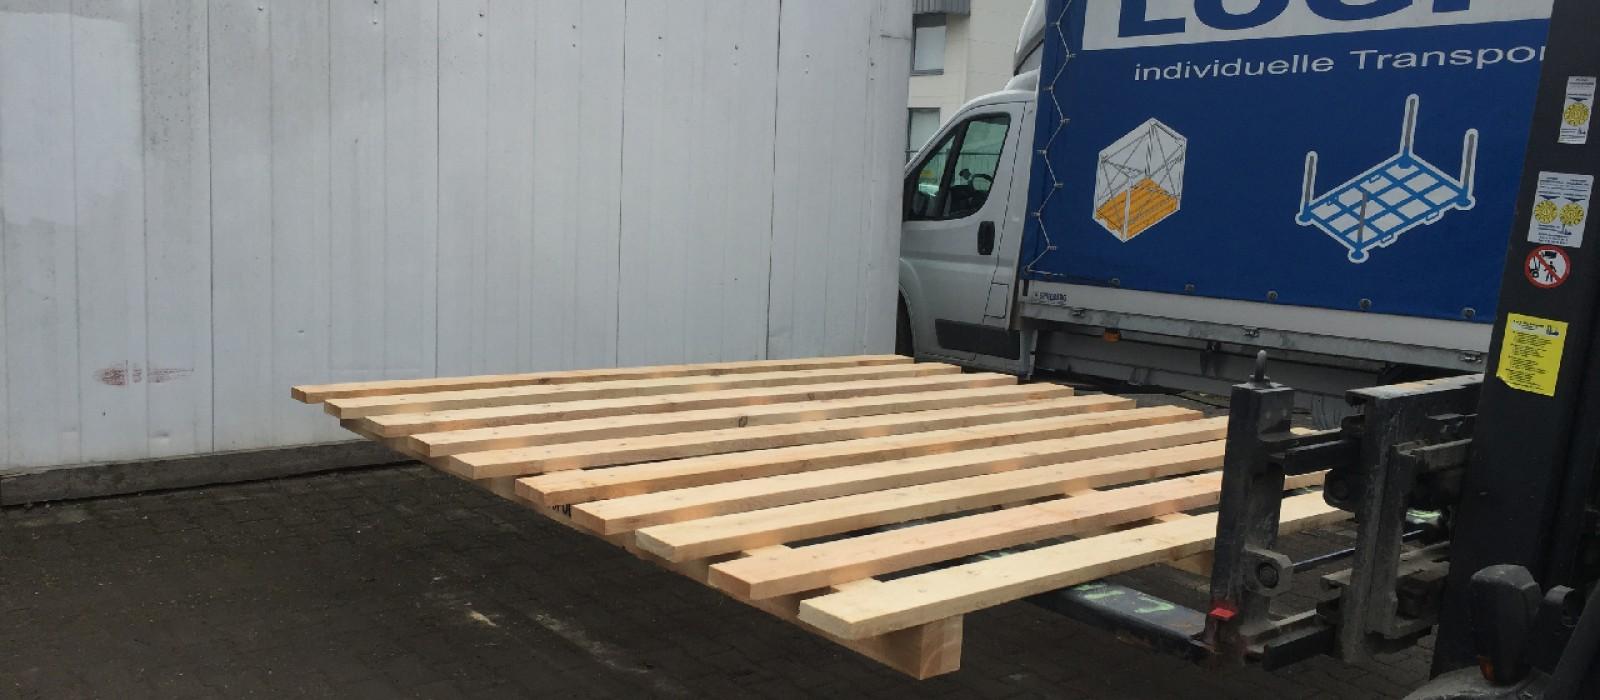 Transportpalette-mit-10-Deckbrettern